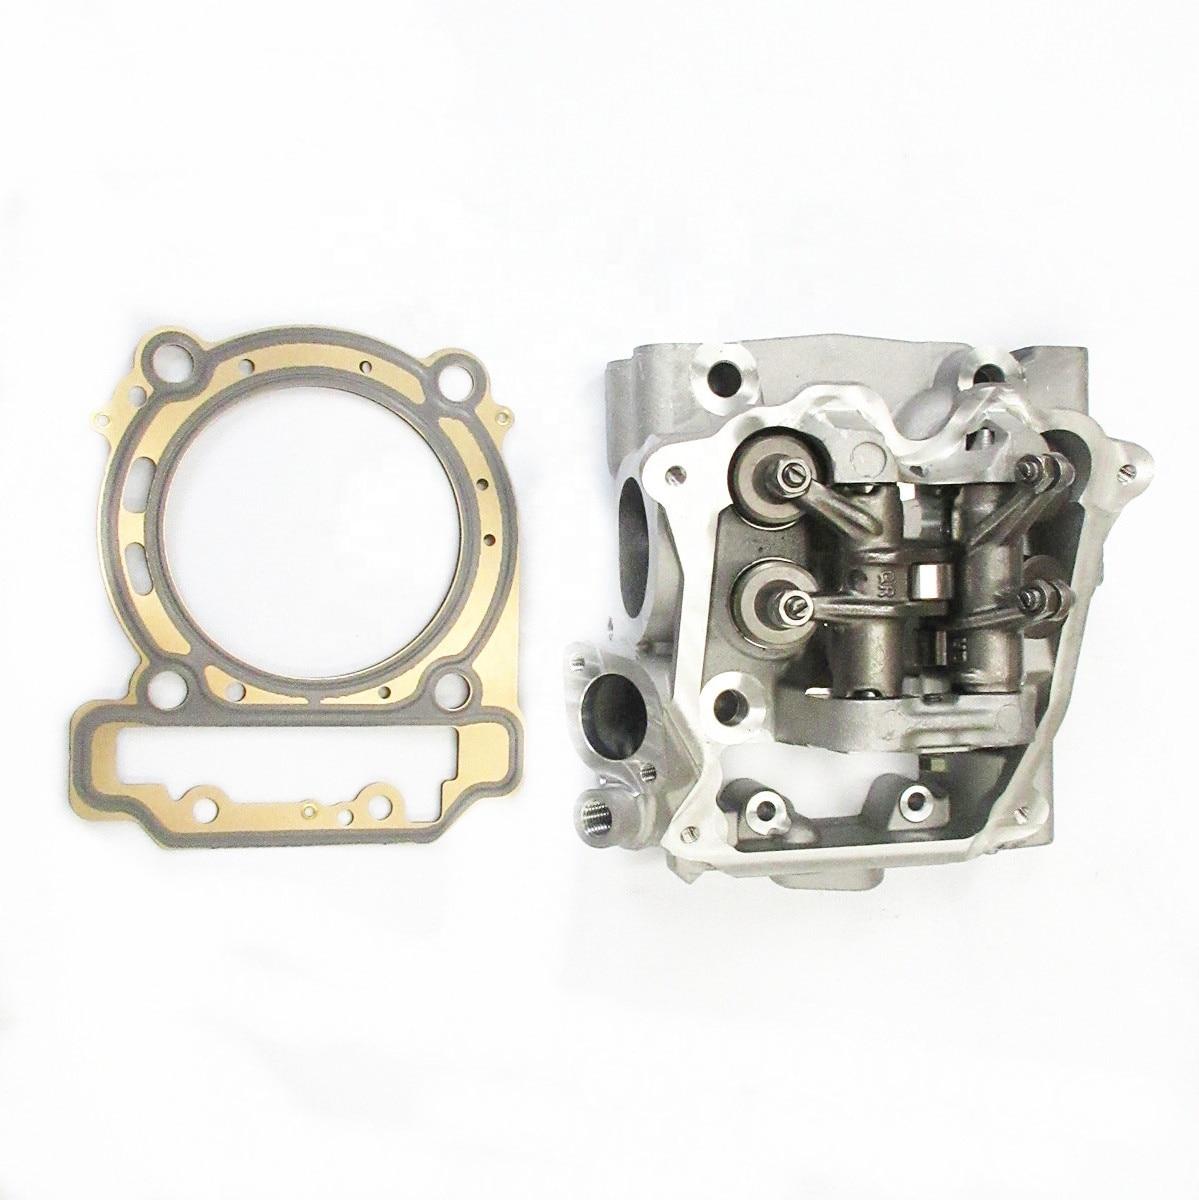 Front Cylinder Head for BRP 800 Outlander Commander Renegade Quad 420623941 420254352 420254362 enlarge